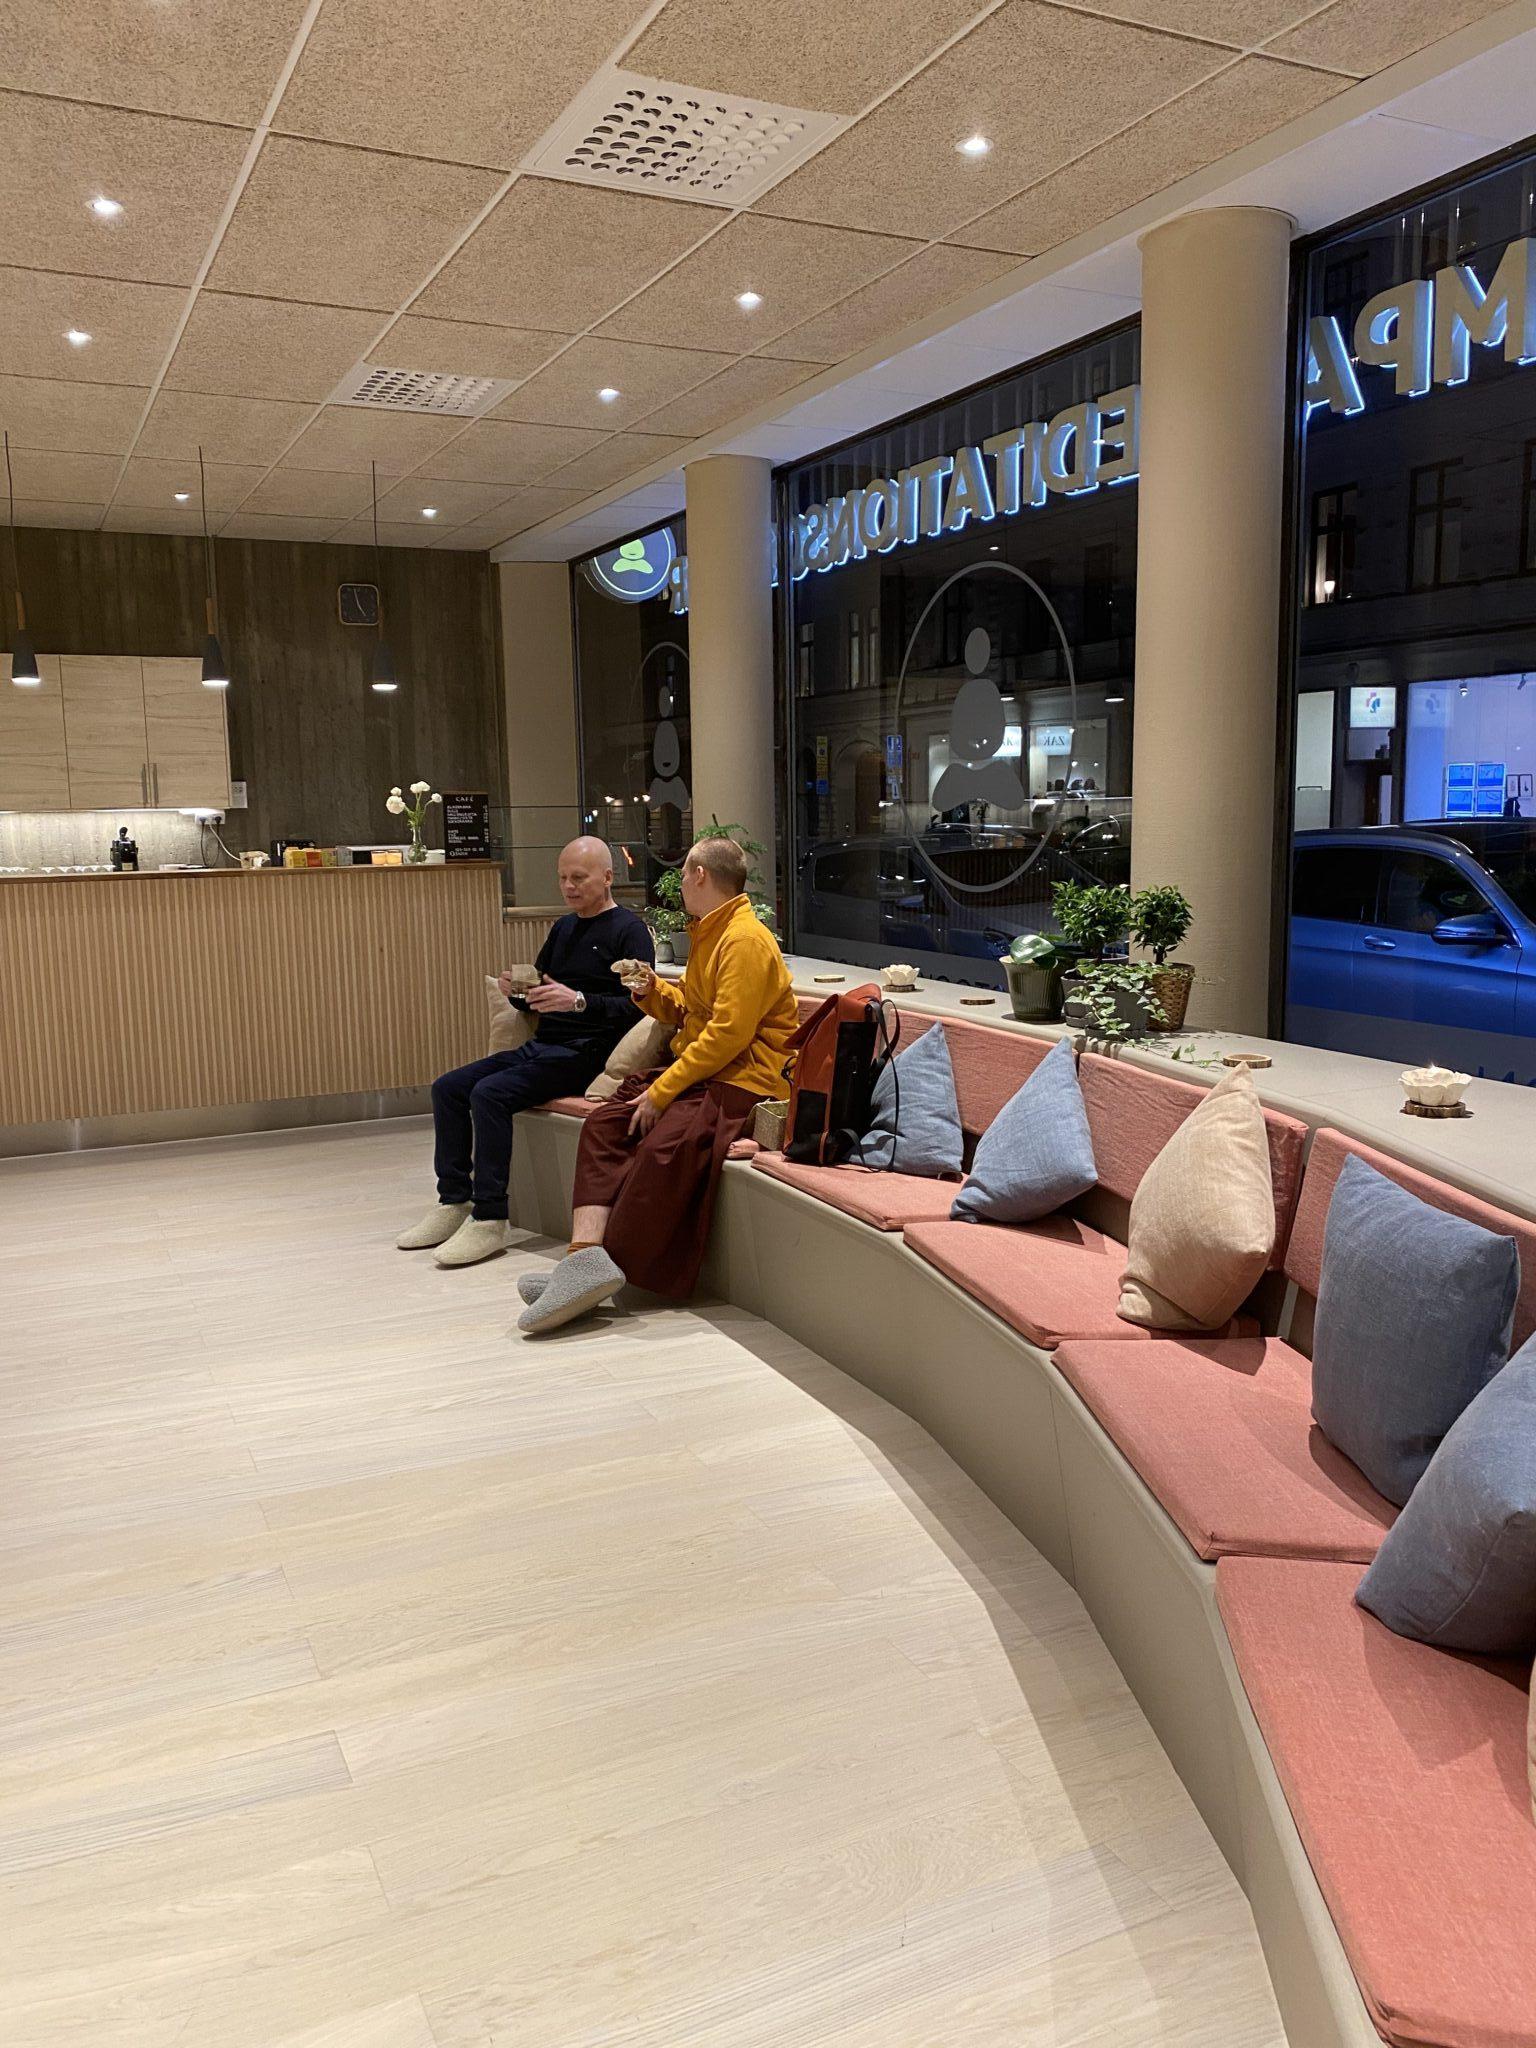 Entré till det nya meditationscentret i Stockholm som Olle Rex var delaktig i.